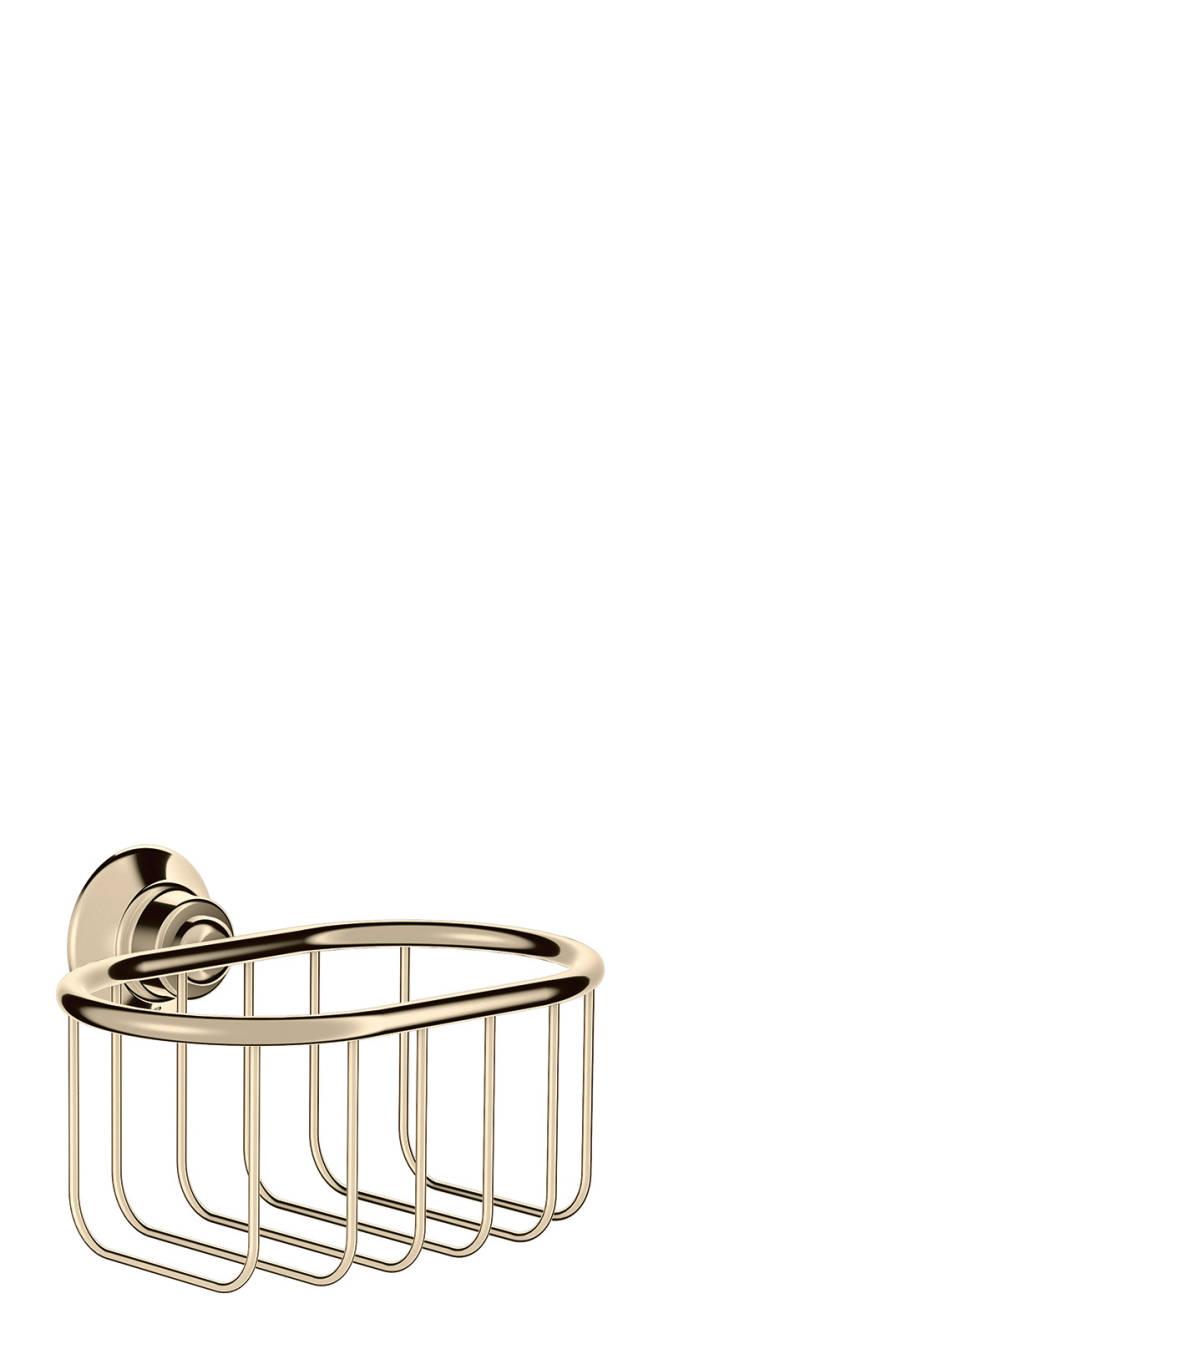 Corner basket 160/101, Polished Nickel, 42065830